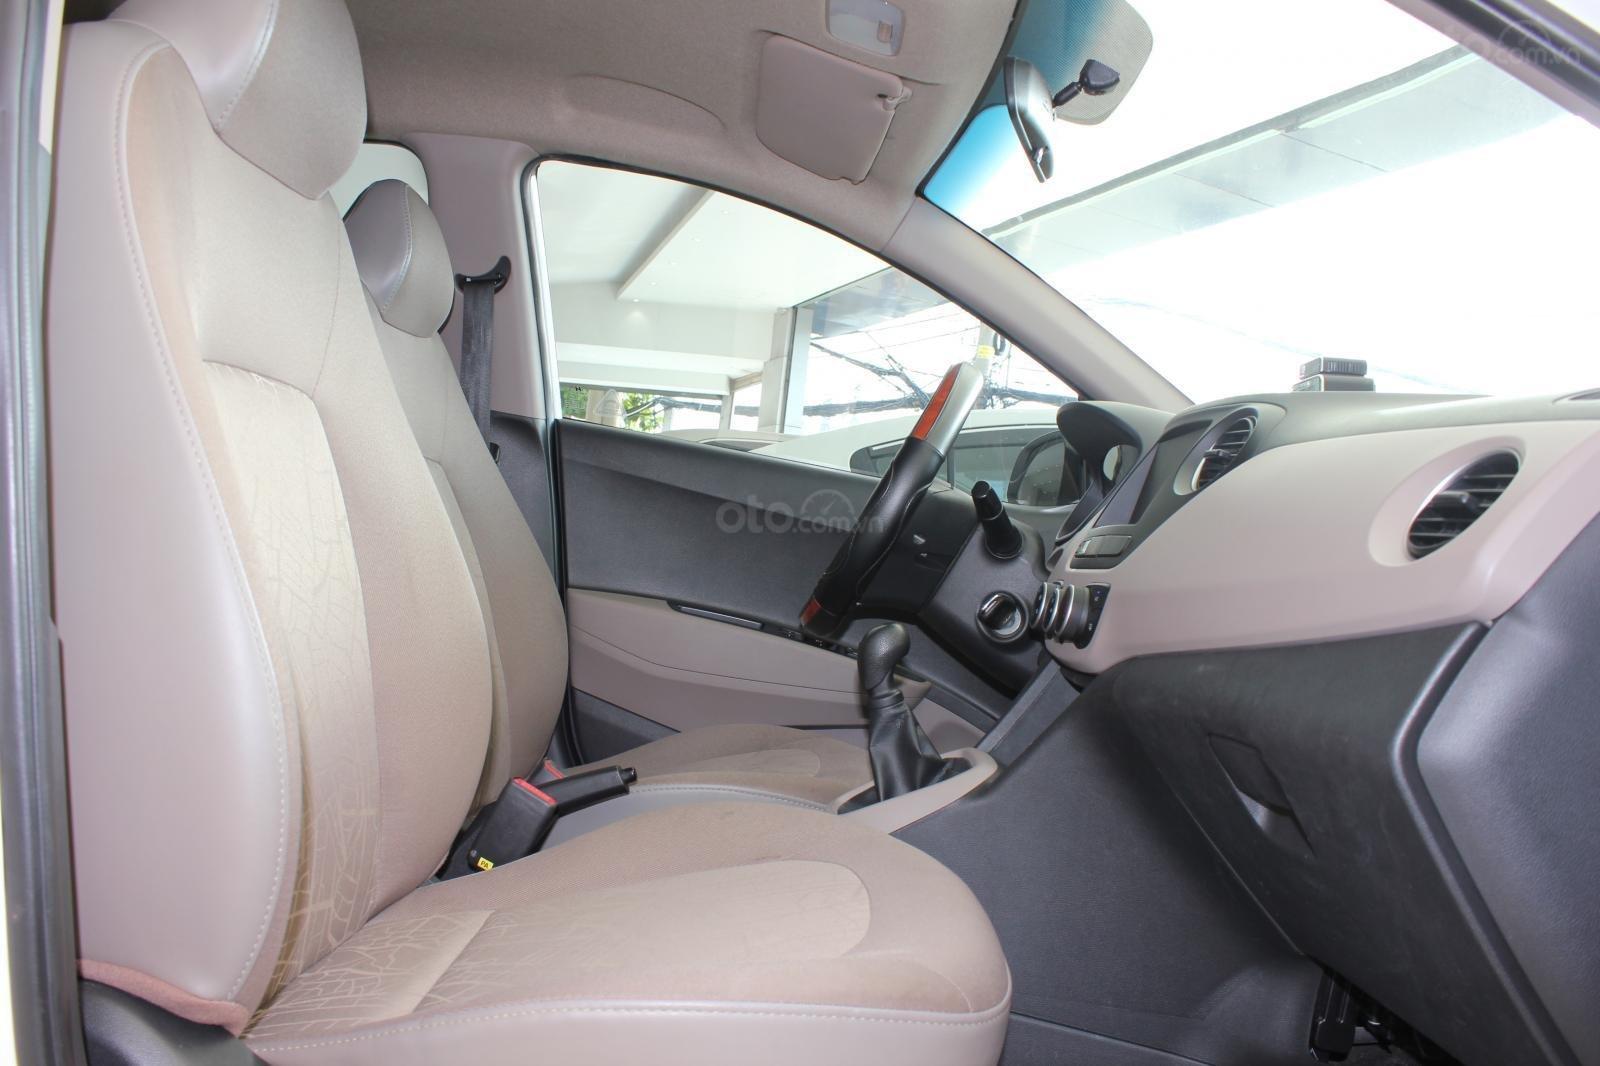 Cần bán xe Hyundai Grand i10 1.2 MT, năm 2018, màu trắng, giá 335tr (16)